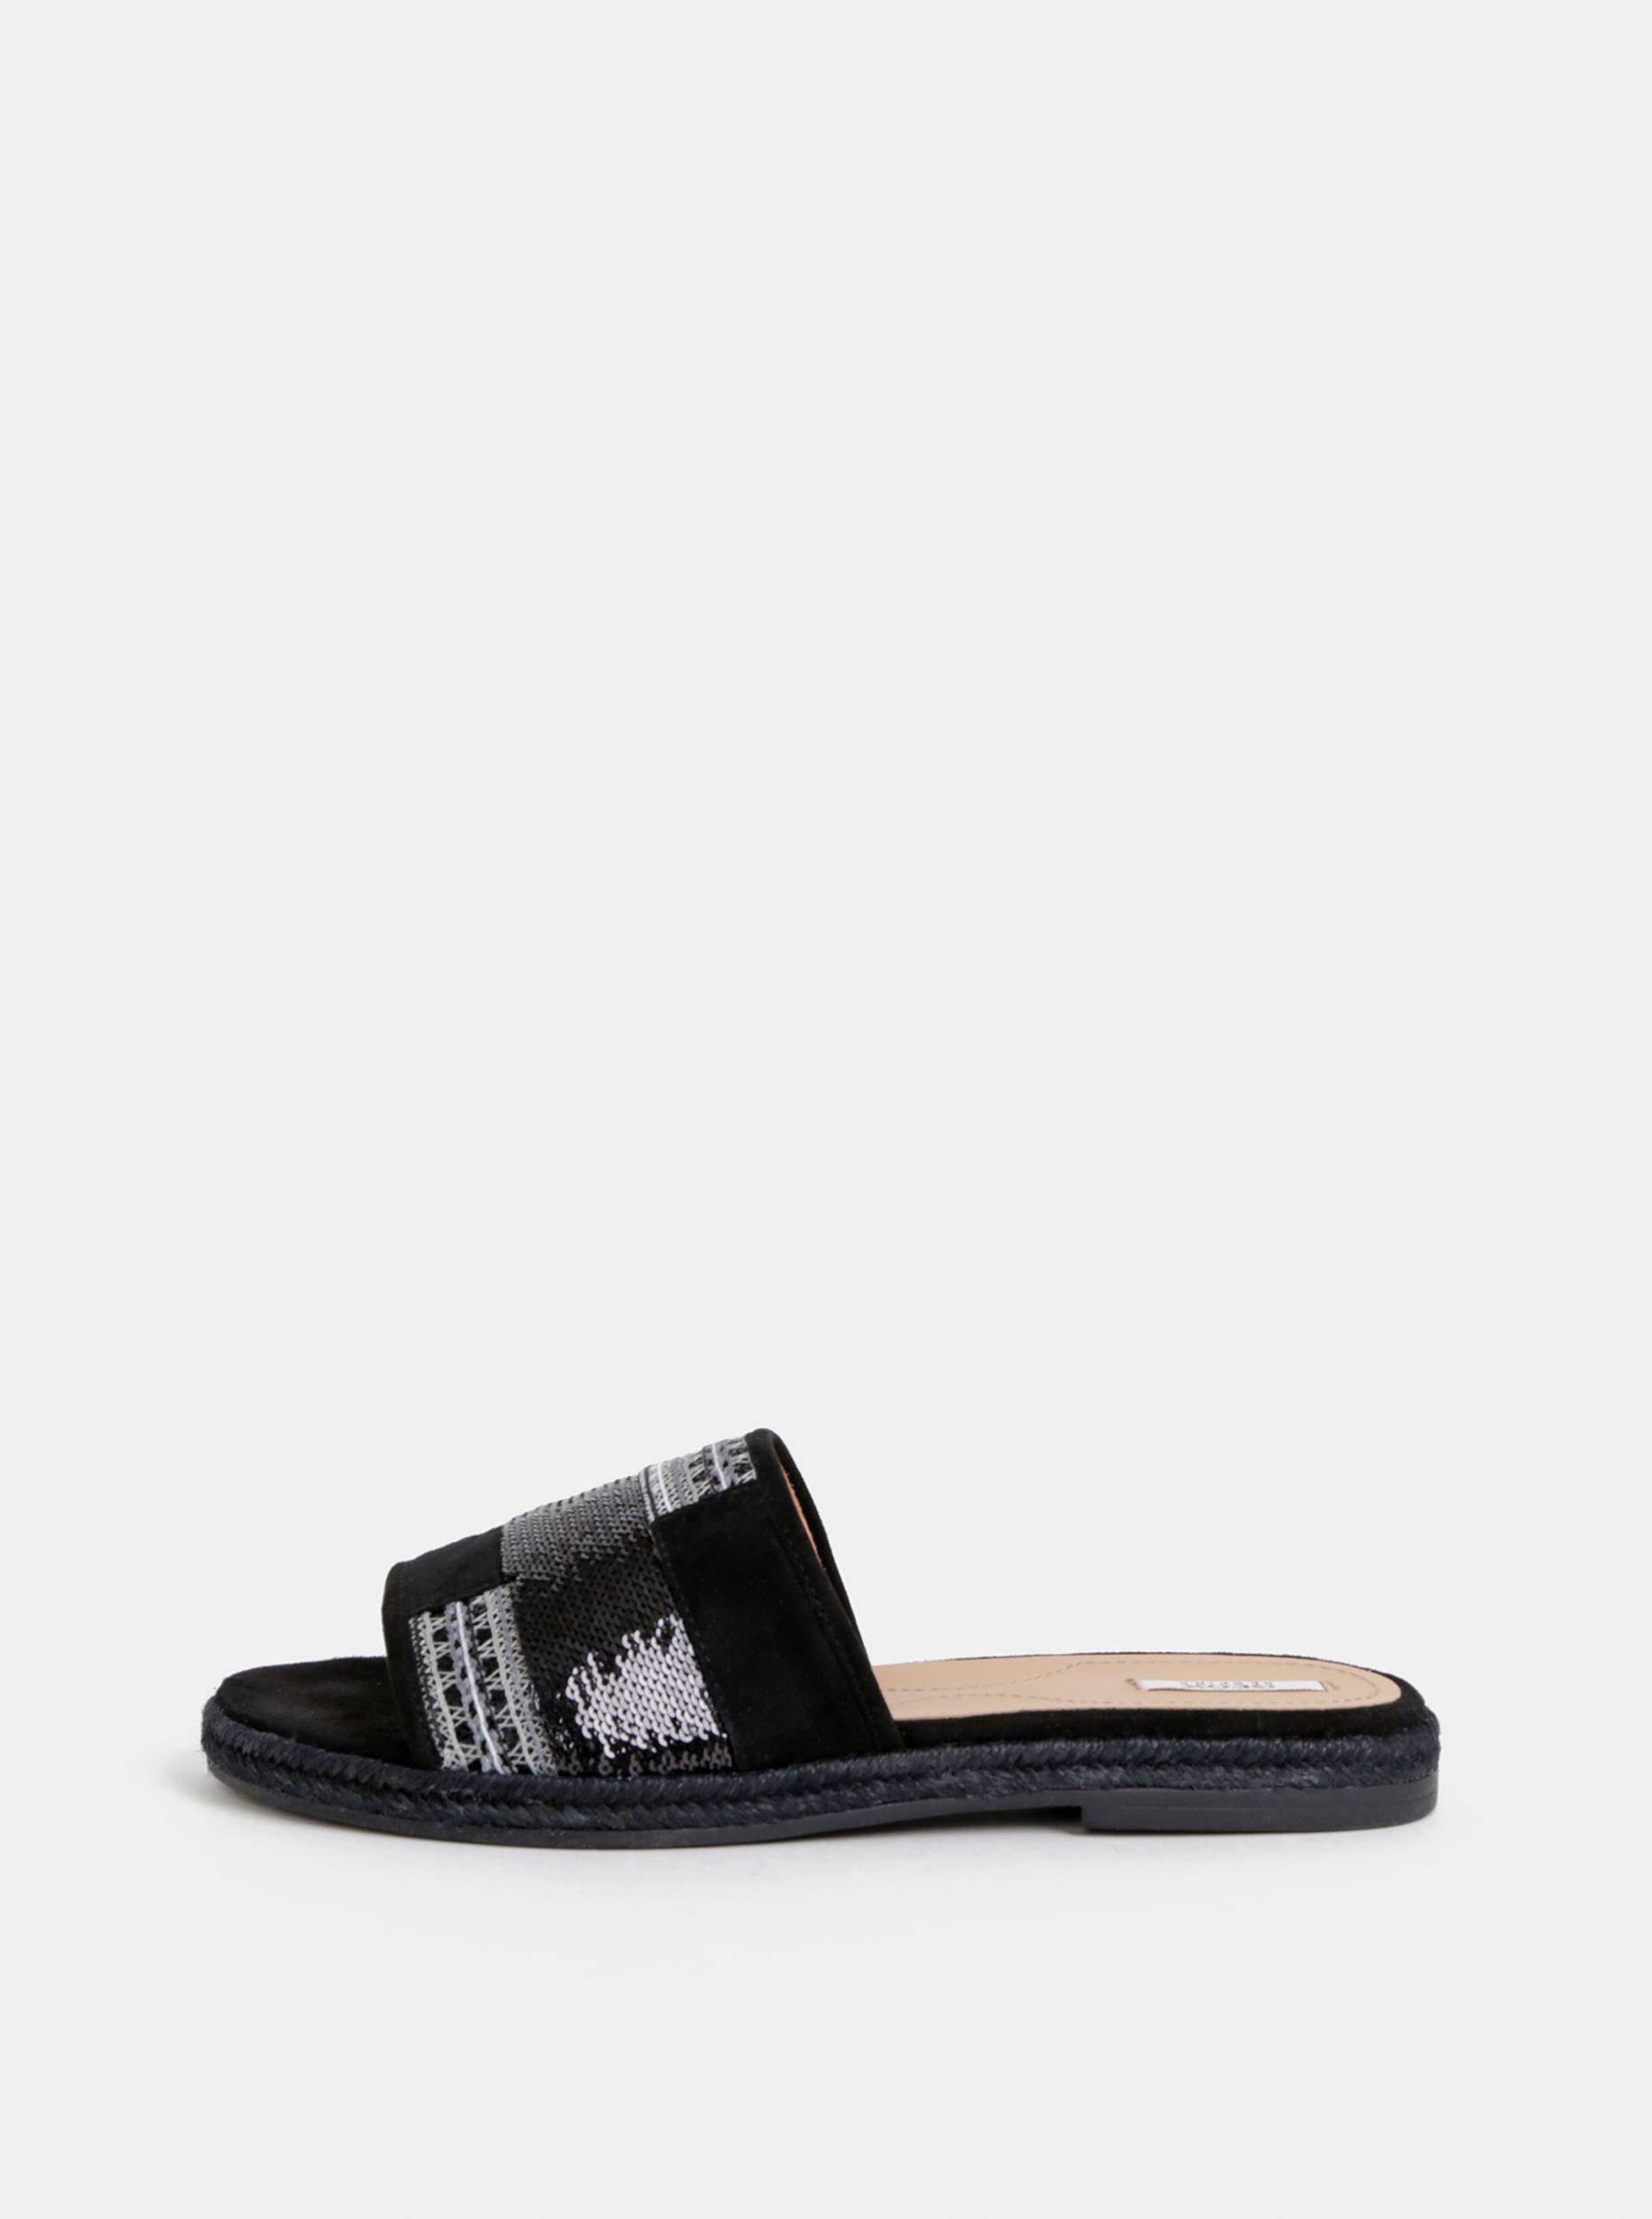 Geox černé dámské semišové pantofle Kolleen